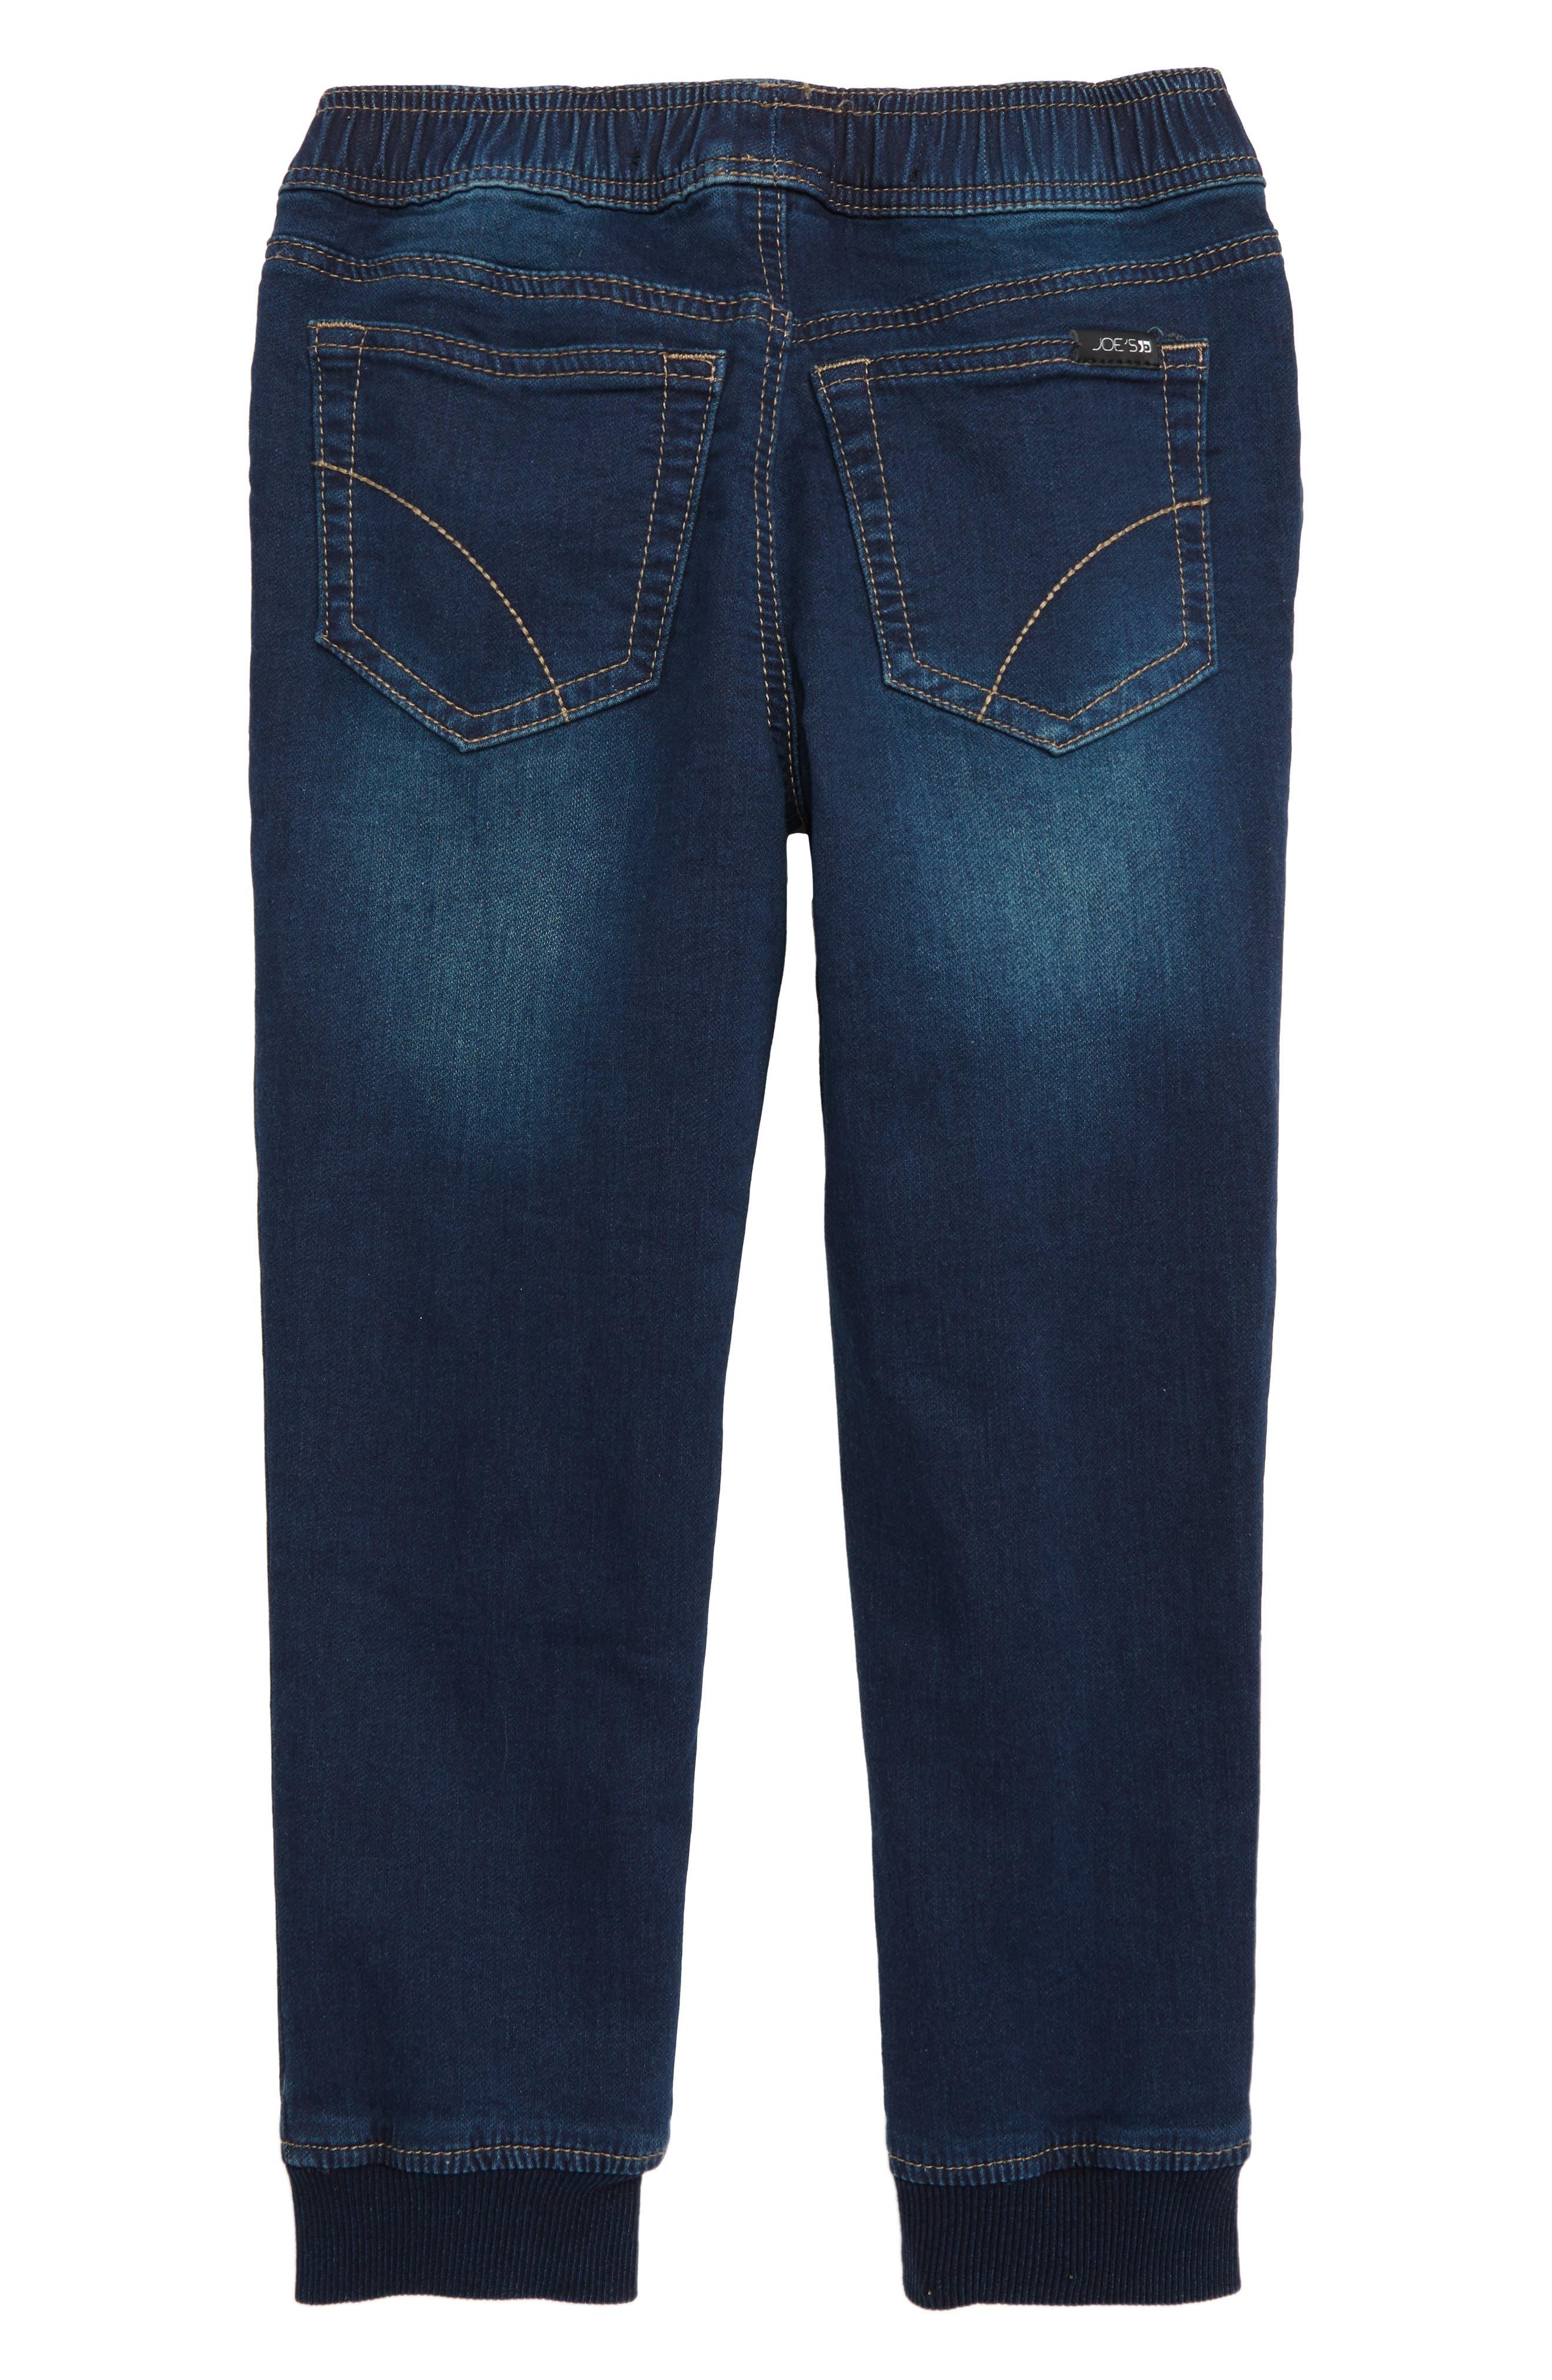 JOE'S, The Jogger Slim Fit Knit Pants, Alternate thumbnail 2, color, MARINE WASH